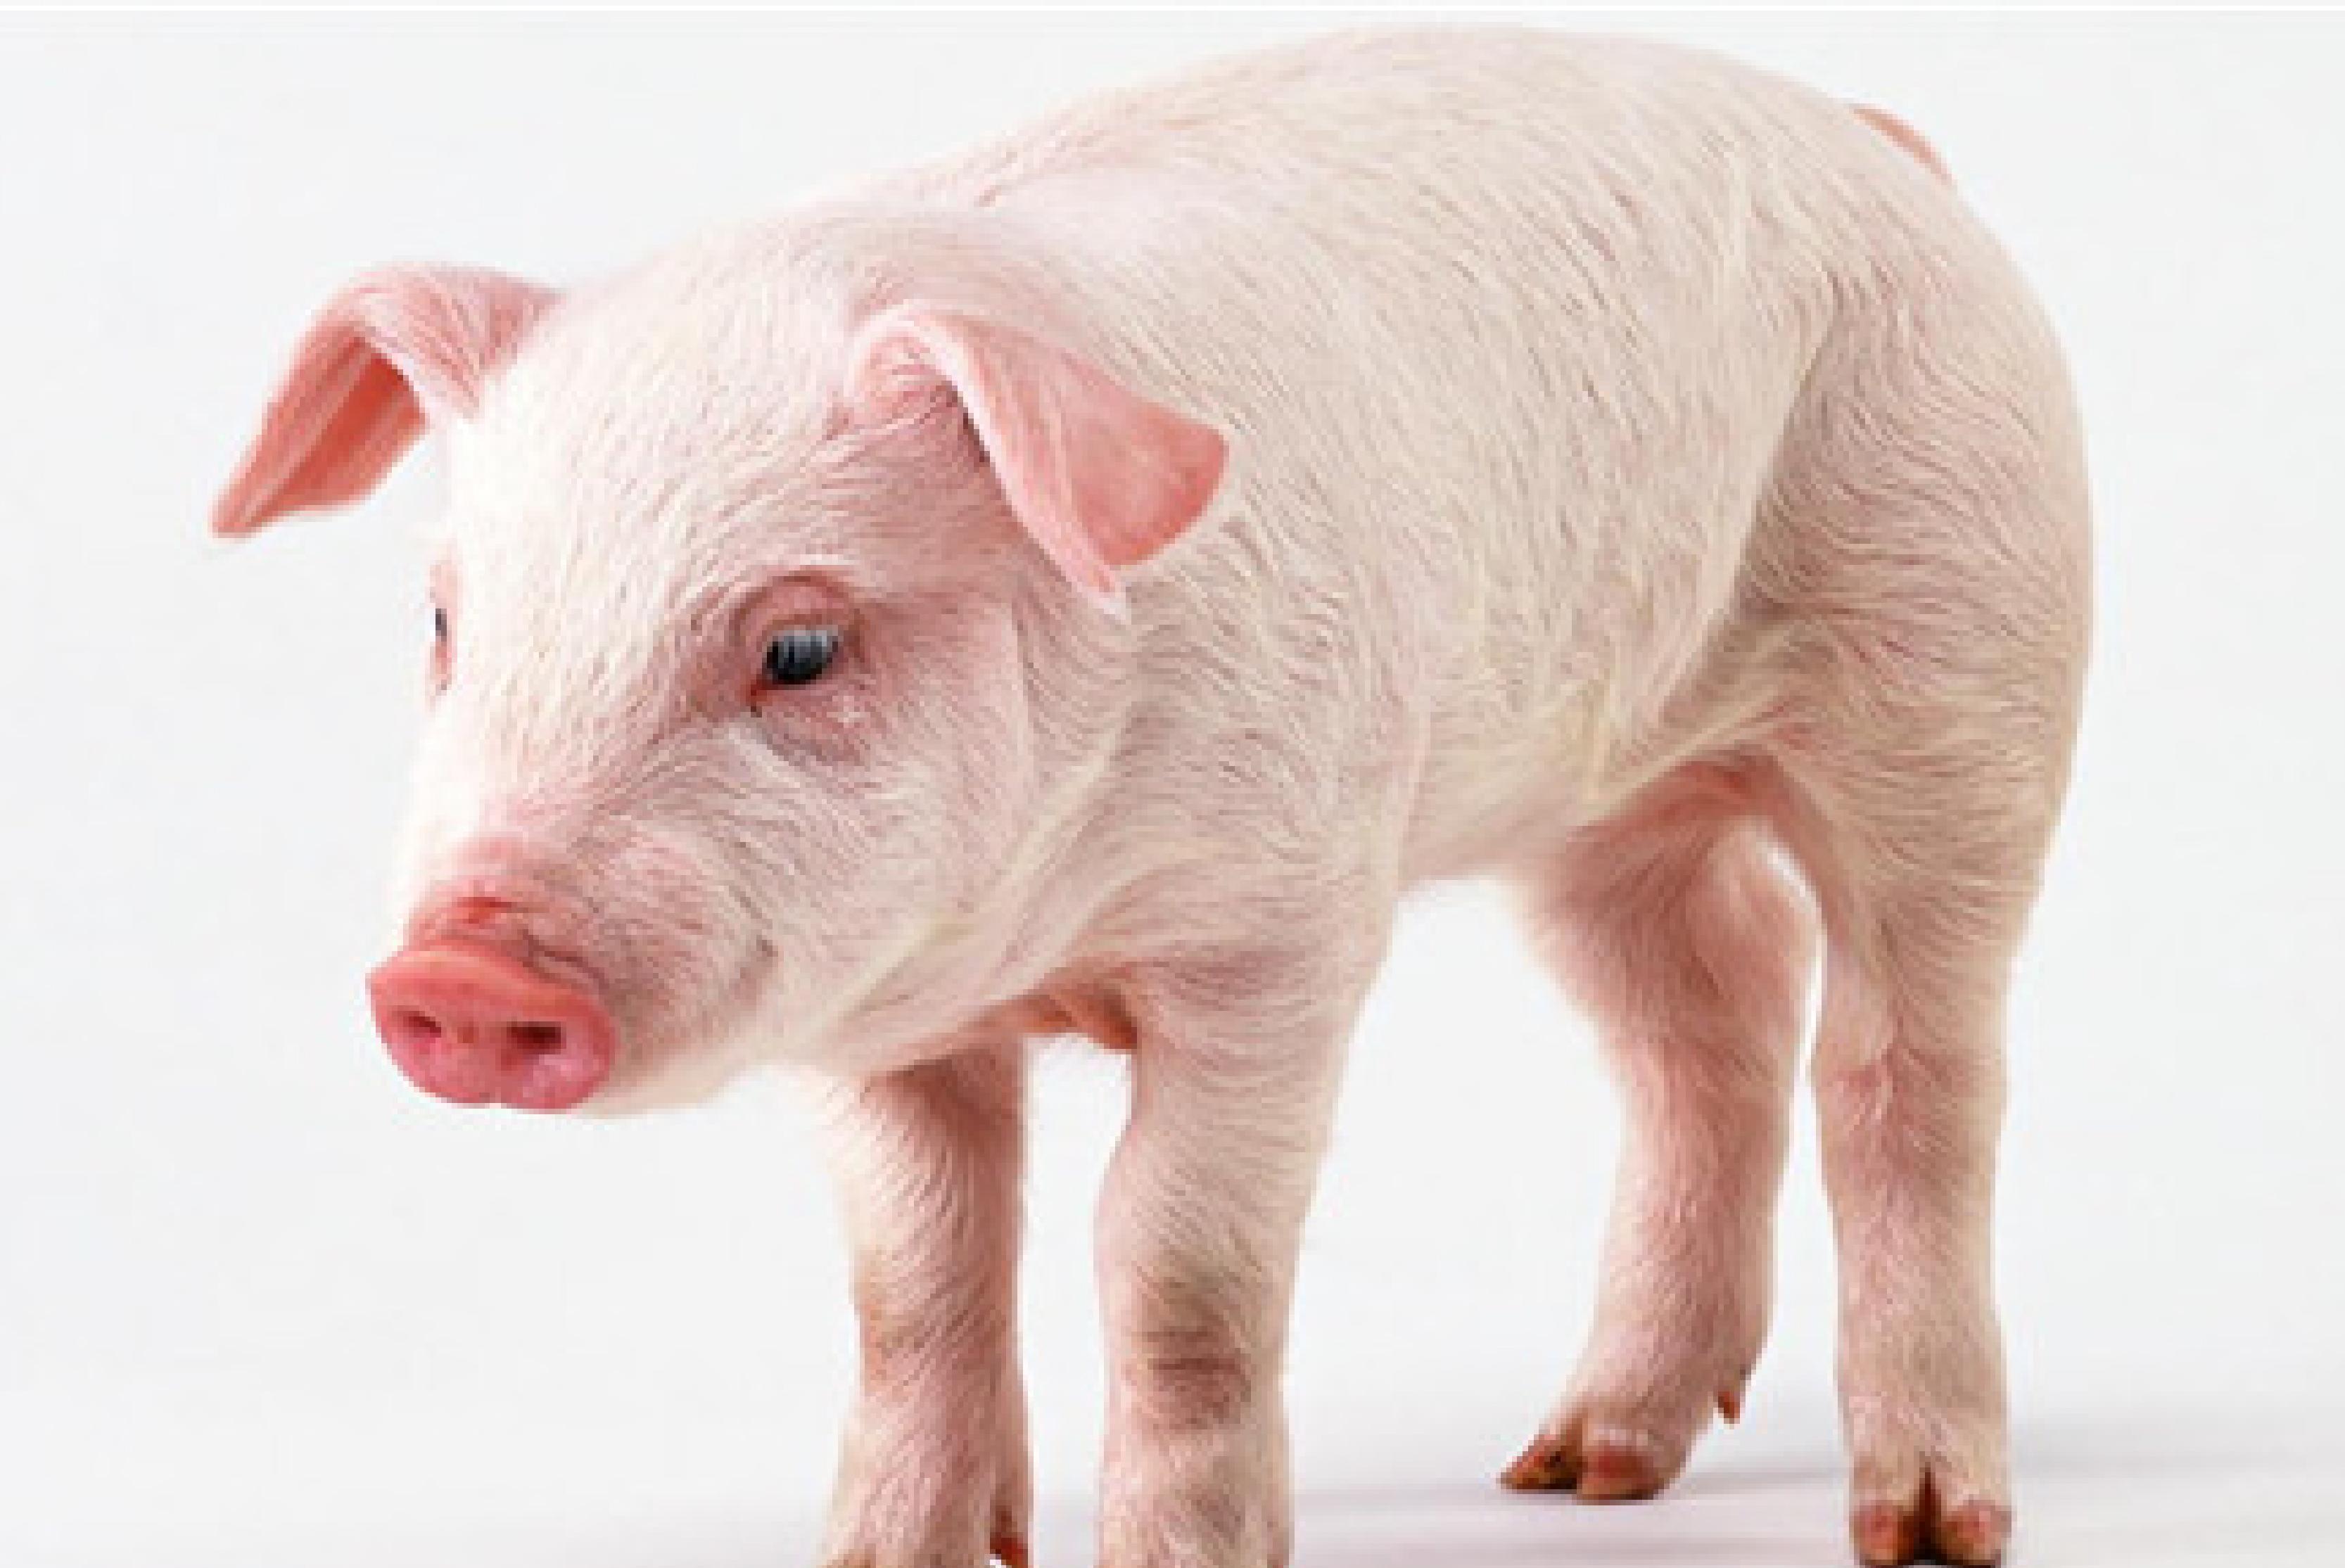 【实证案例】福邦抗腹泻酵母预防仔猪腹泻